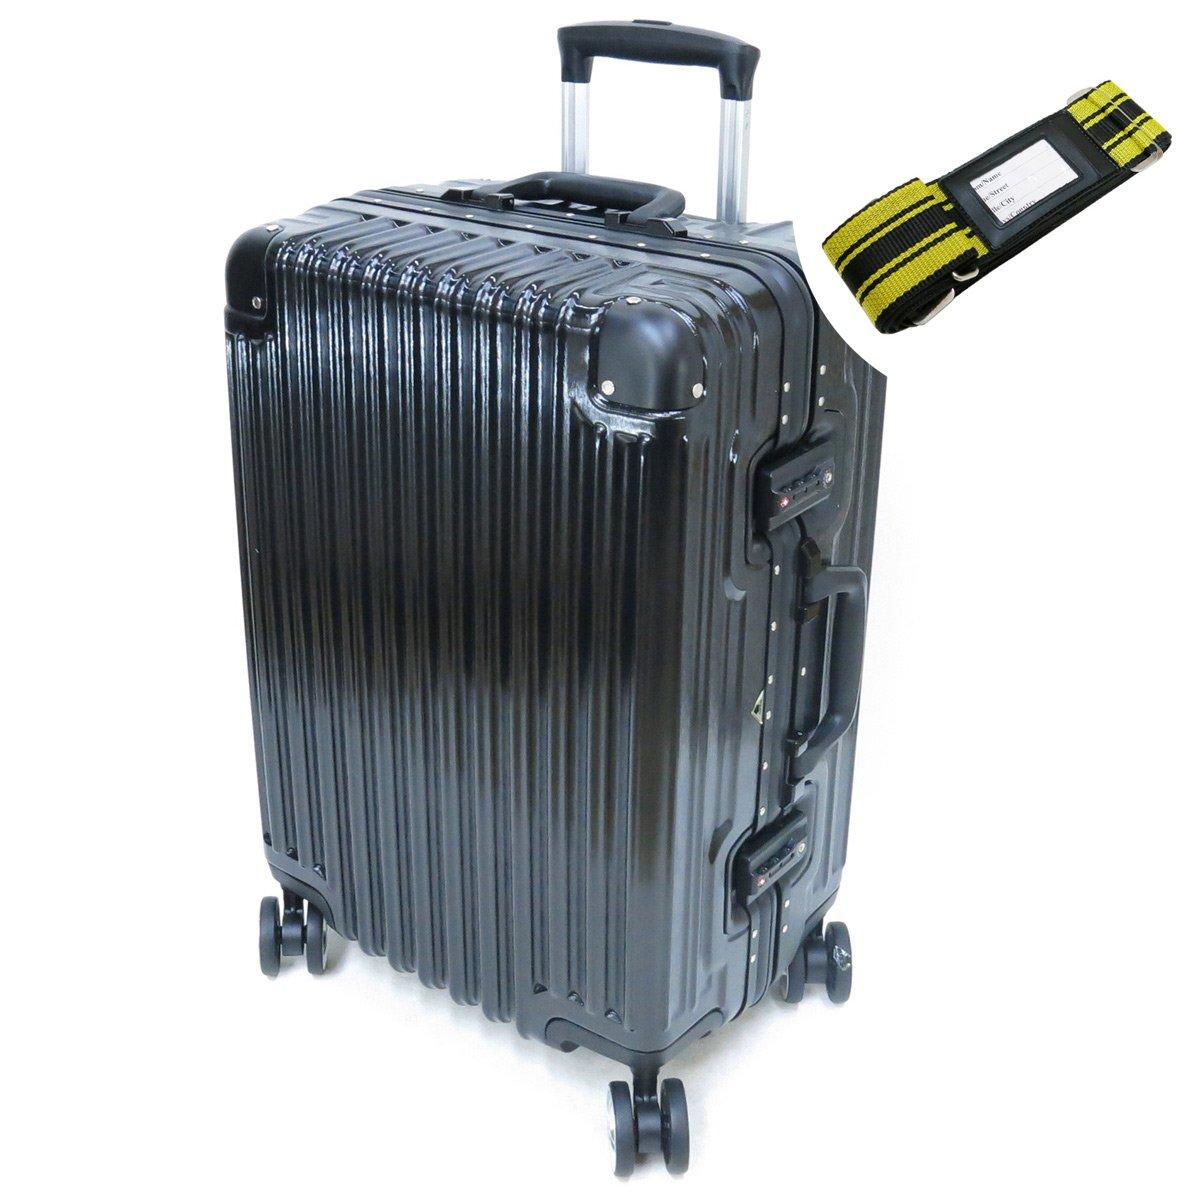 [セット品] (シフレ トライデント) siffler TRIDENT TRI1030-52 スーツケース 受託手荷物無料サイズ(カバンクラブ) 鞄倶楽部 59013 スーツケースベルト 【合計2点セット】 B071NTMCCG ブラック ブラック